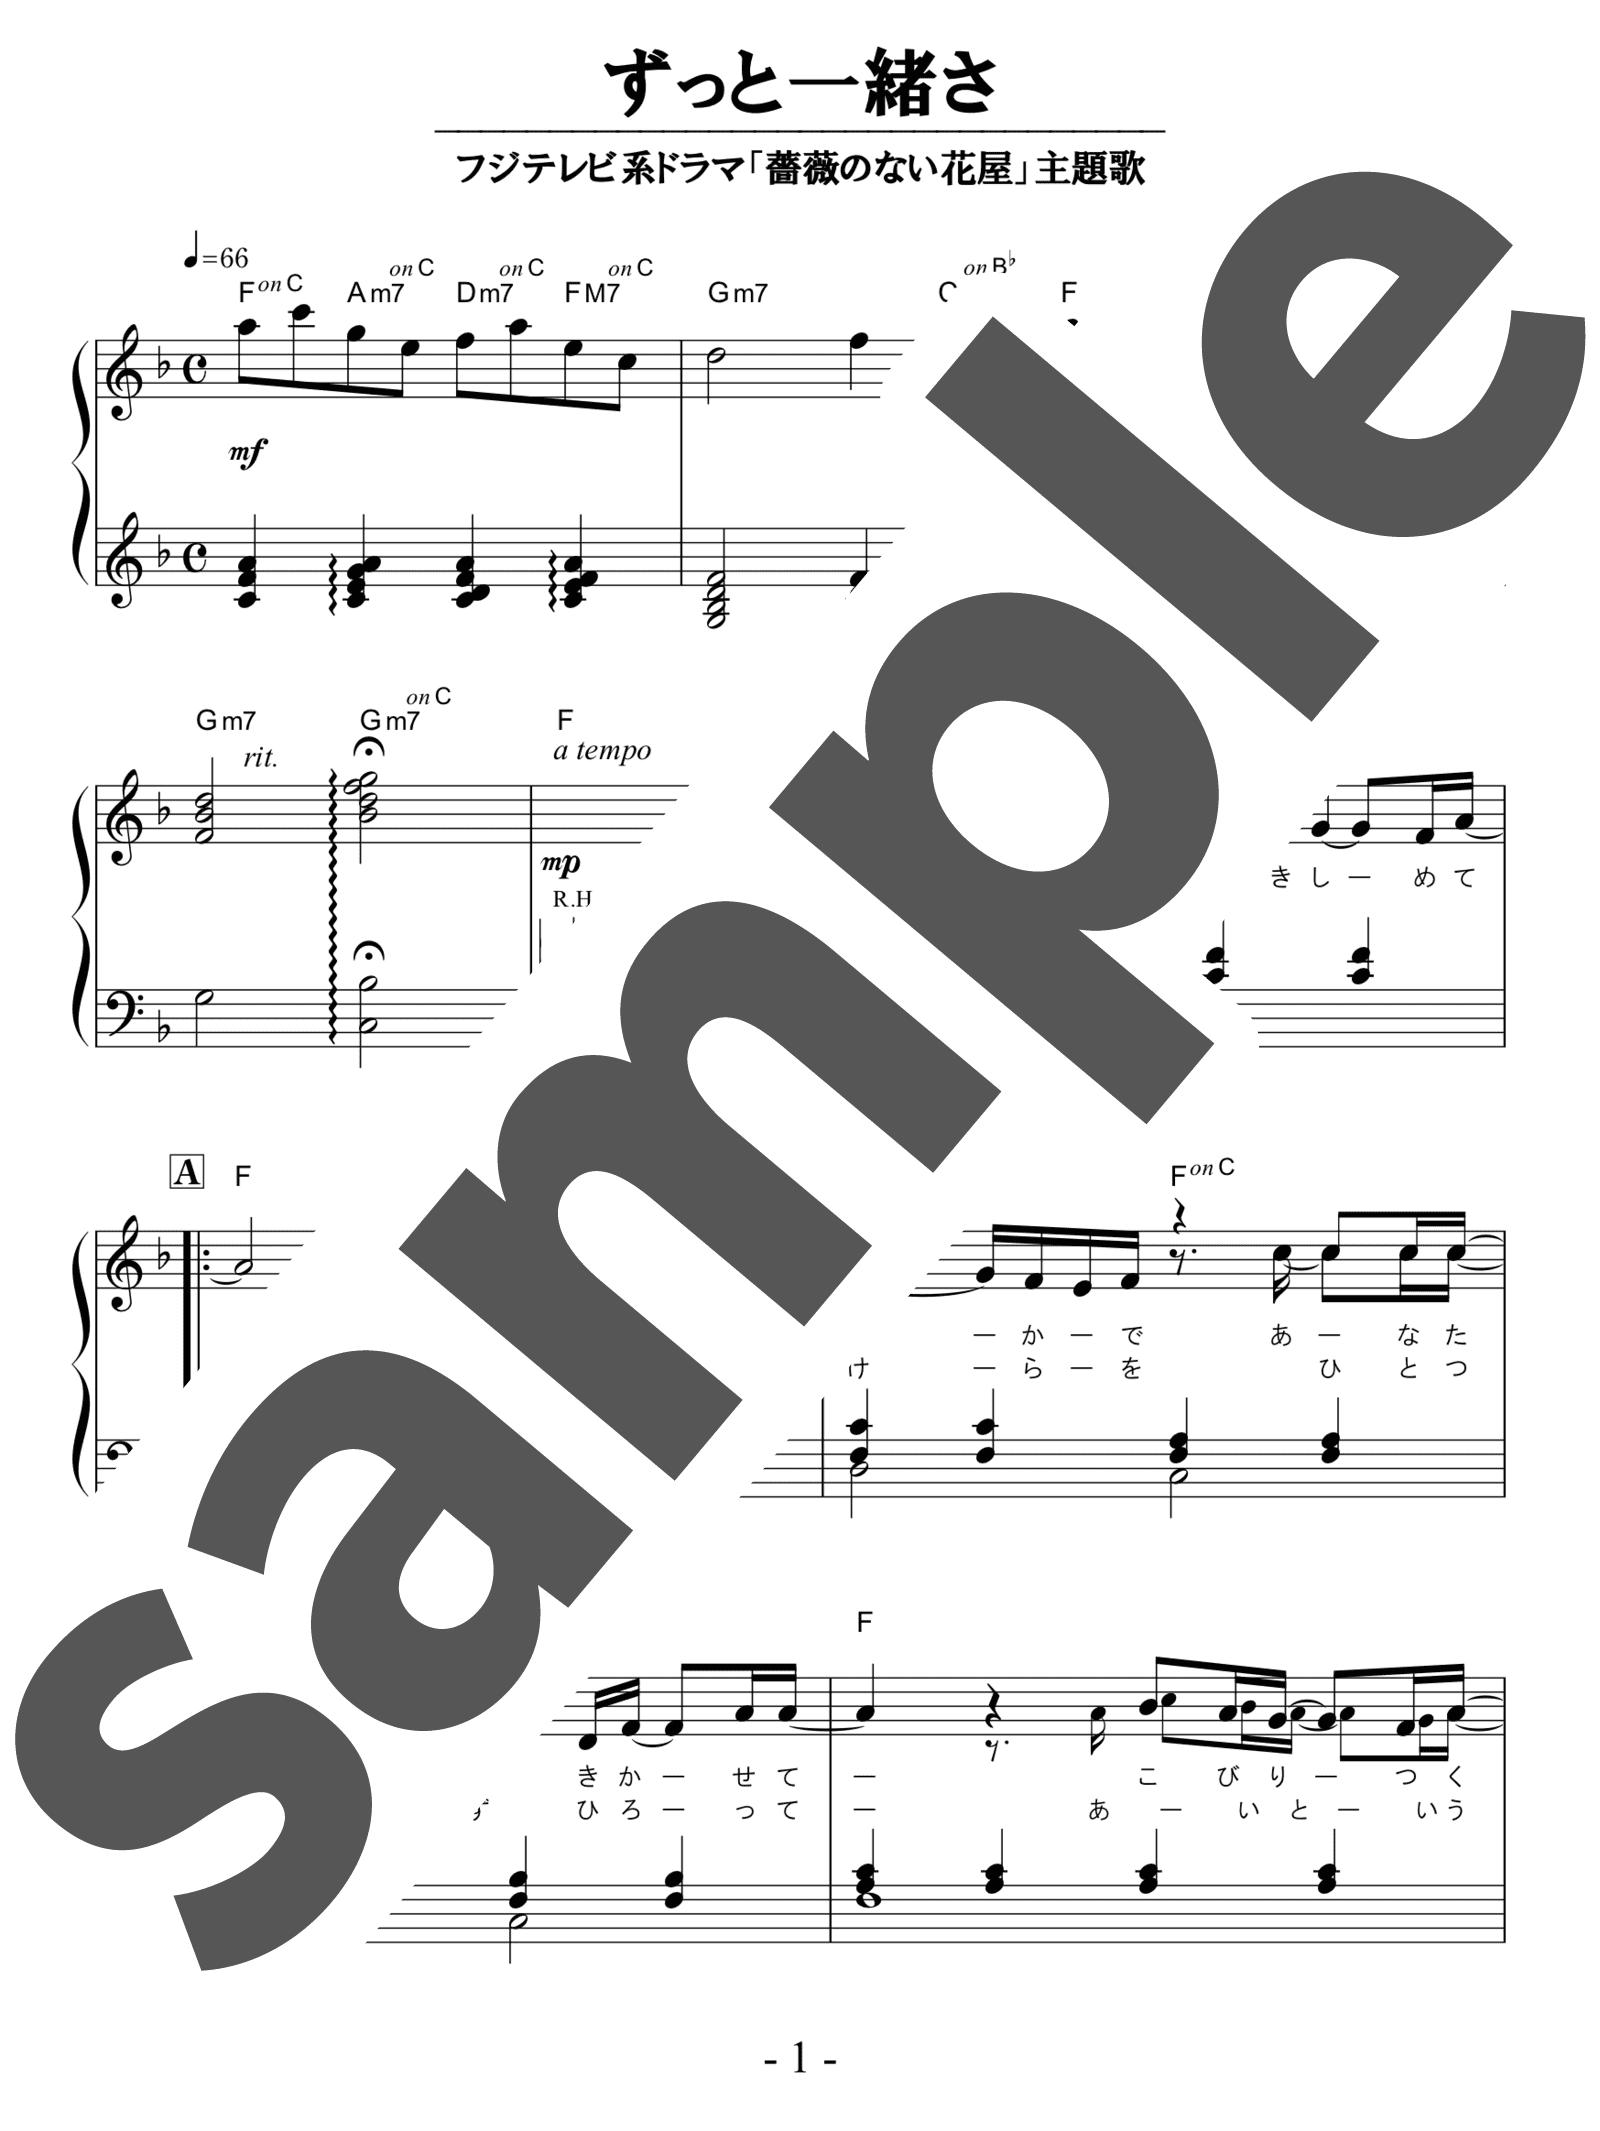 「ずっと一緒さ」のサンプル楽譜